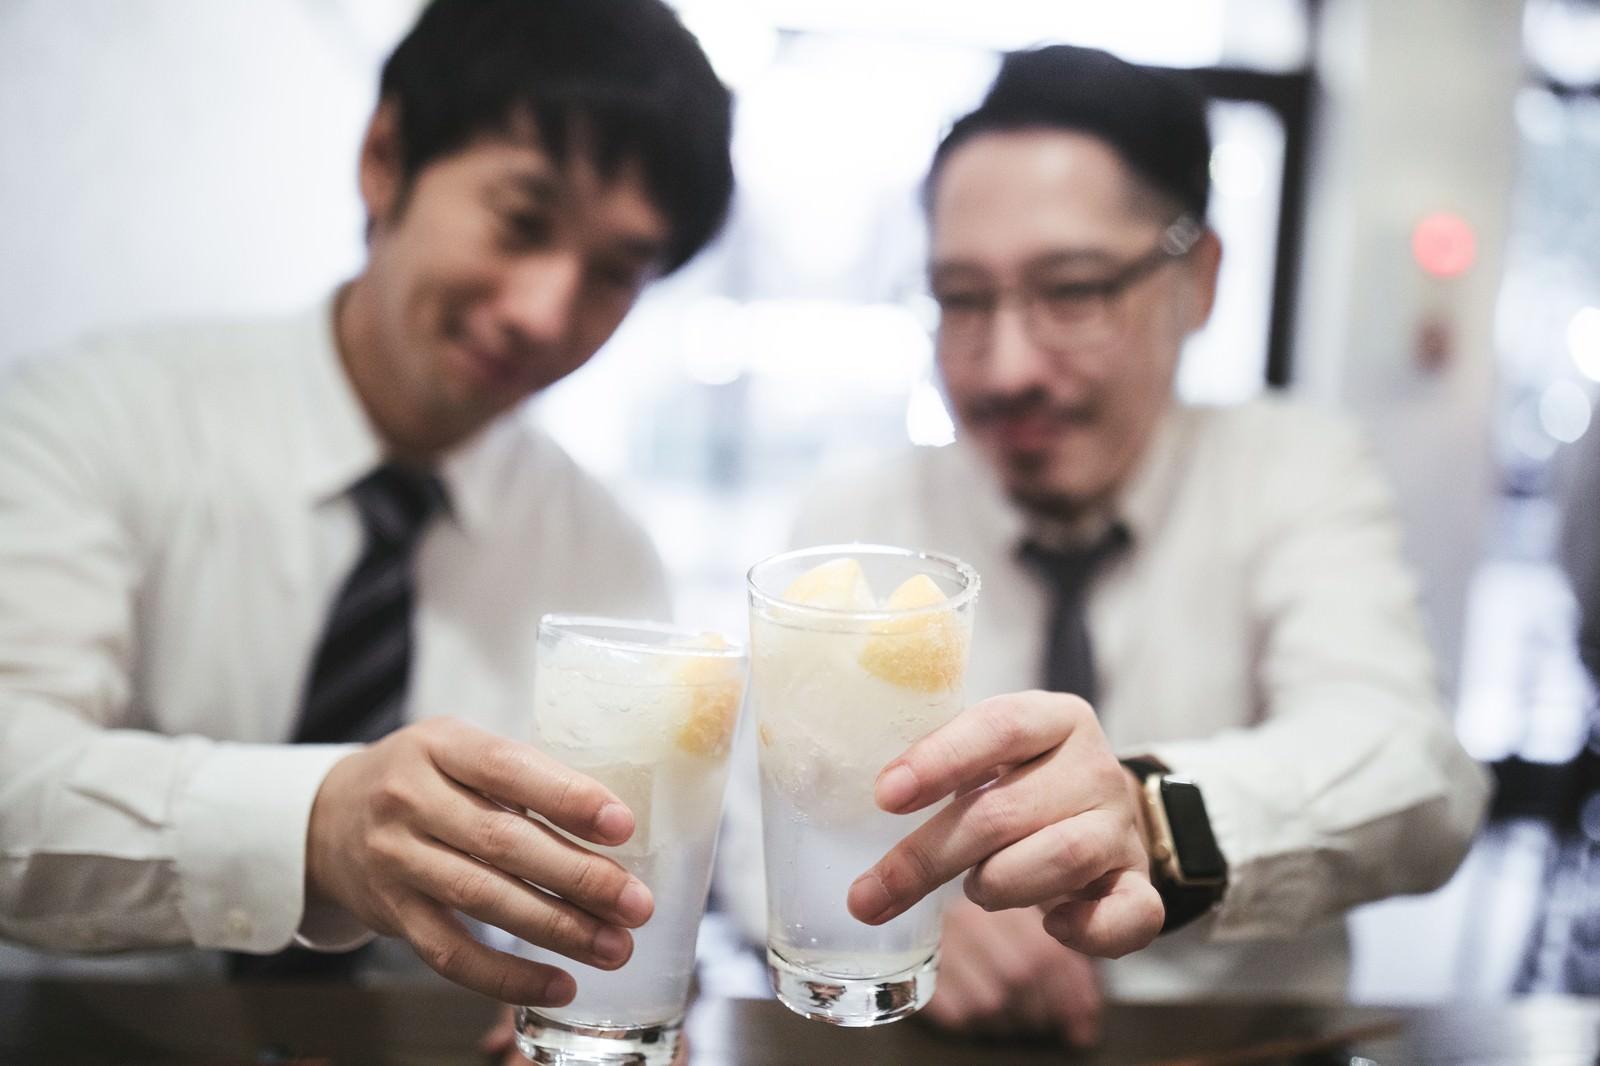 「レモンサワーで乾杯男子」の写真[モデル:大川竜弥 ゆうせい]